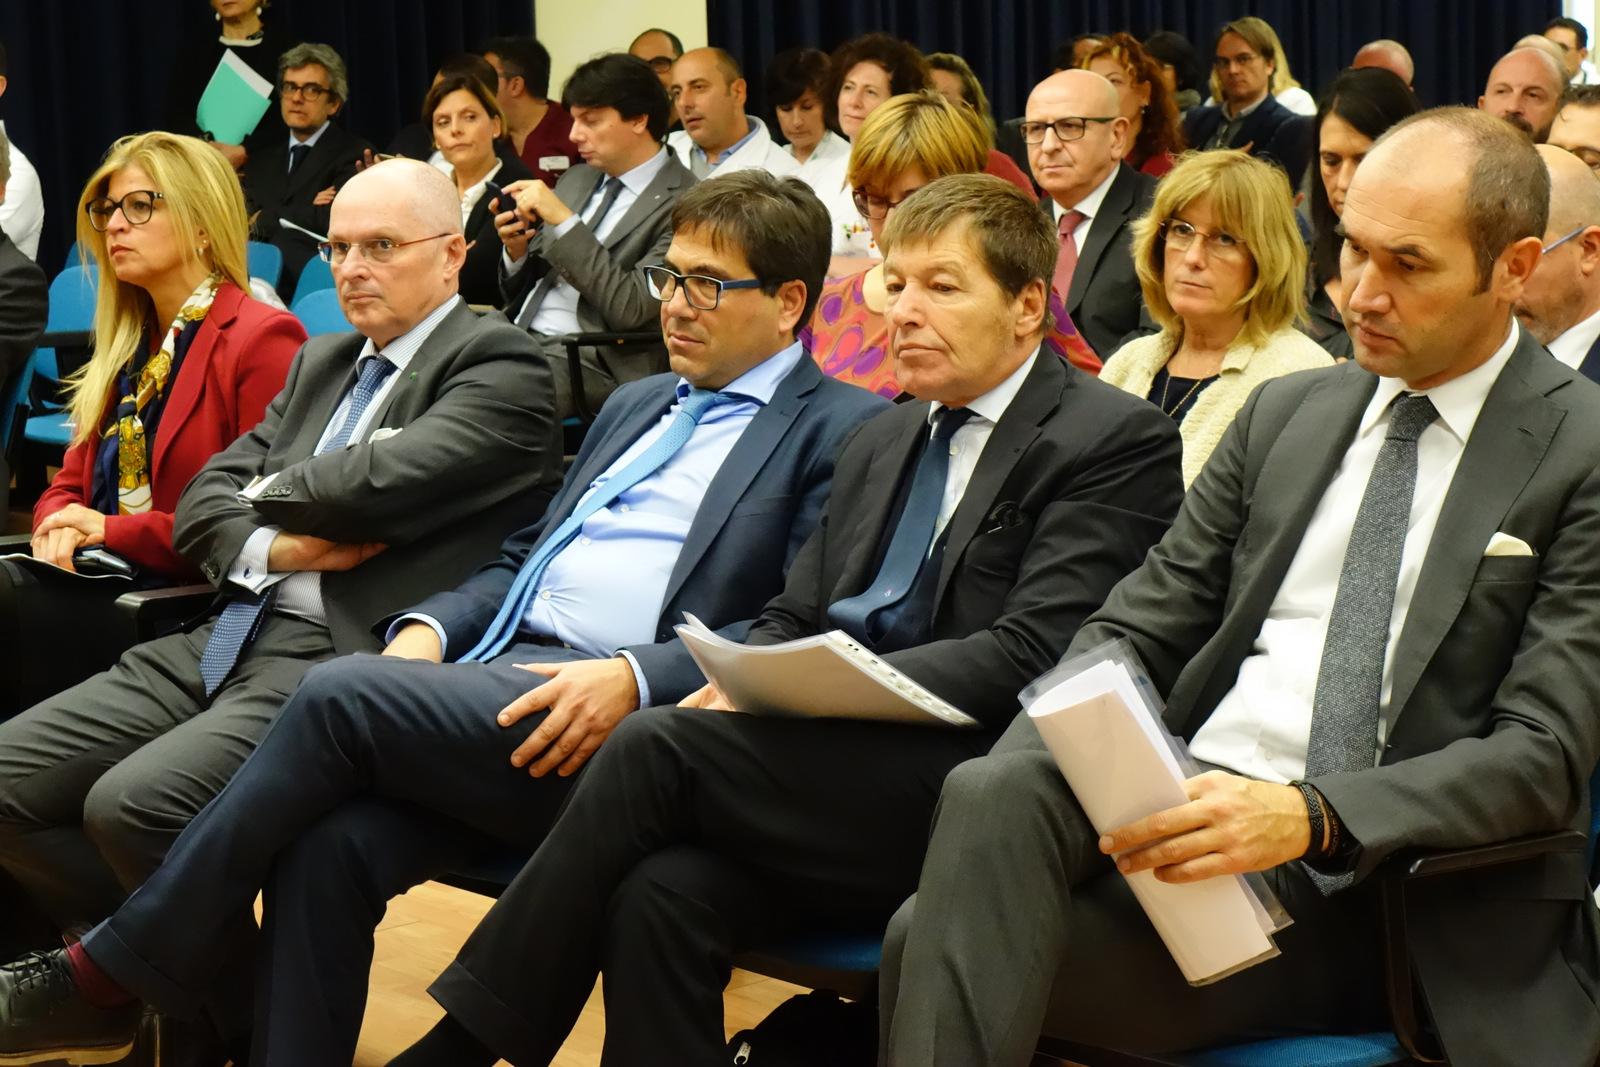 L'assessore regionale alla sanità D'Amato tra il pubblico allapresentazione del centro di fase 1 degli IFO